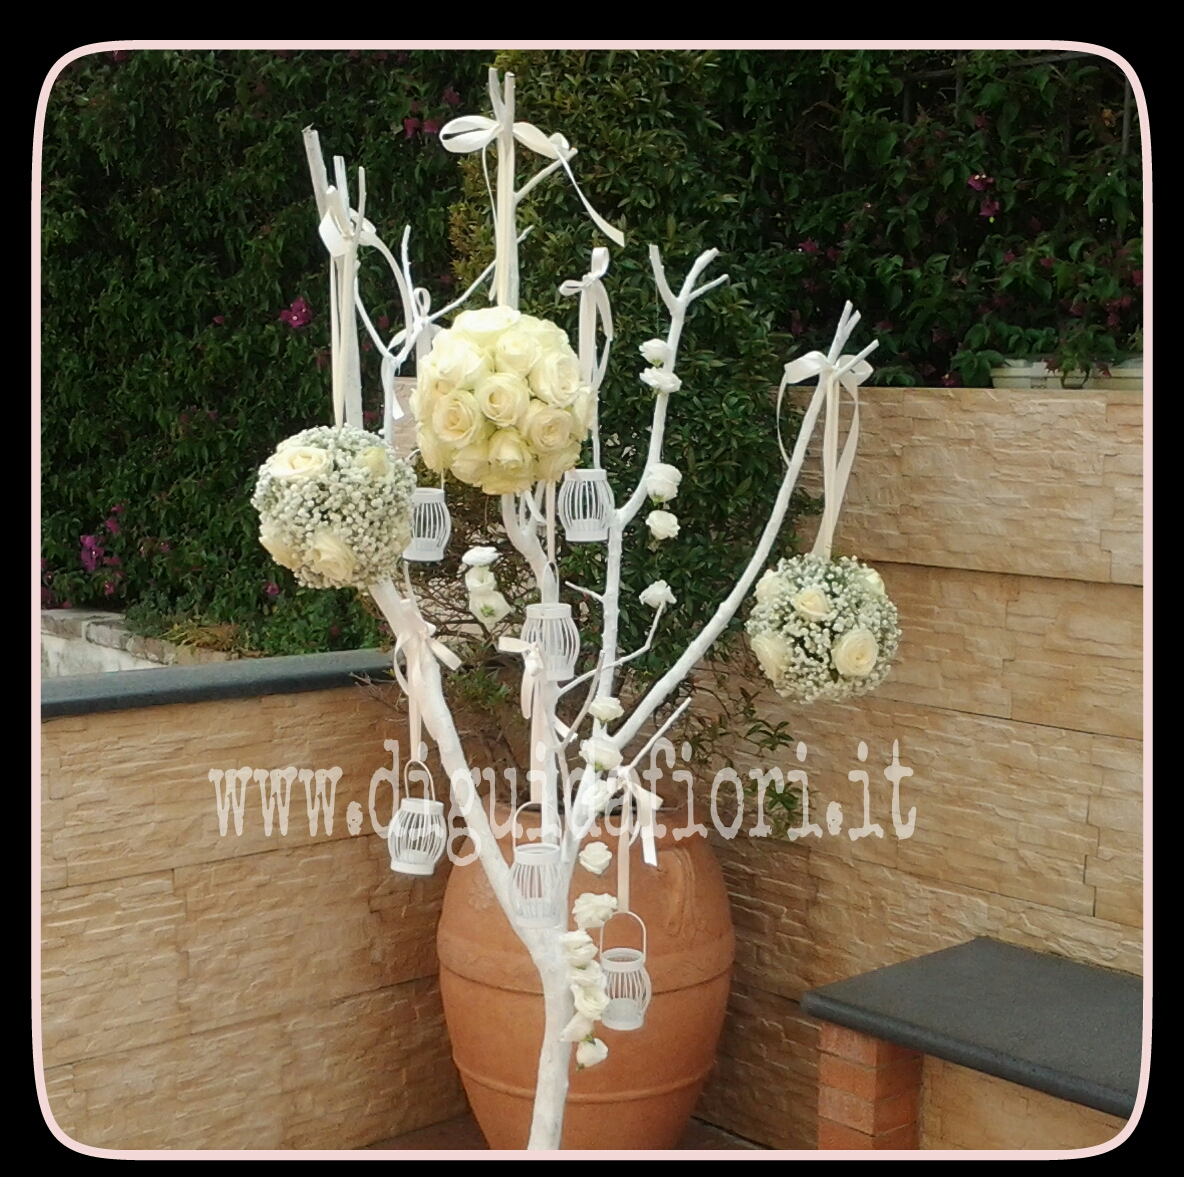 Addobbo floreale per matrimoni – tralcio ramificato con sfere di fiori e candele total white